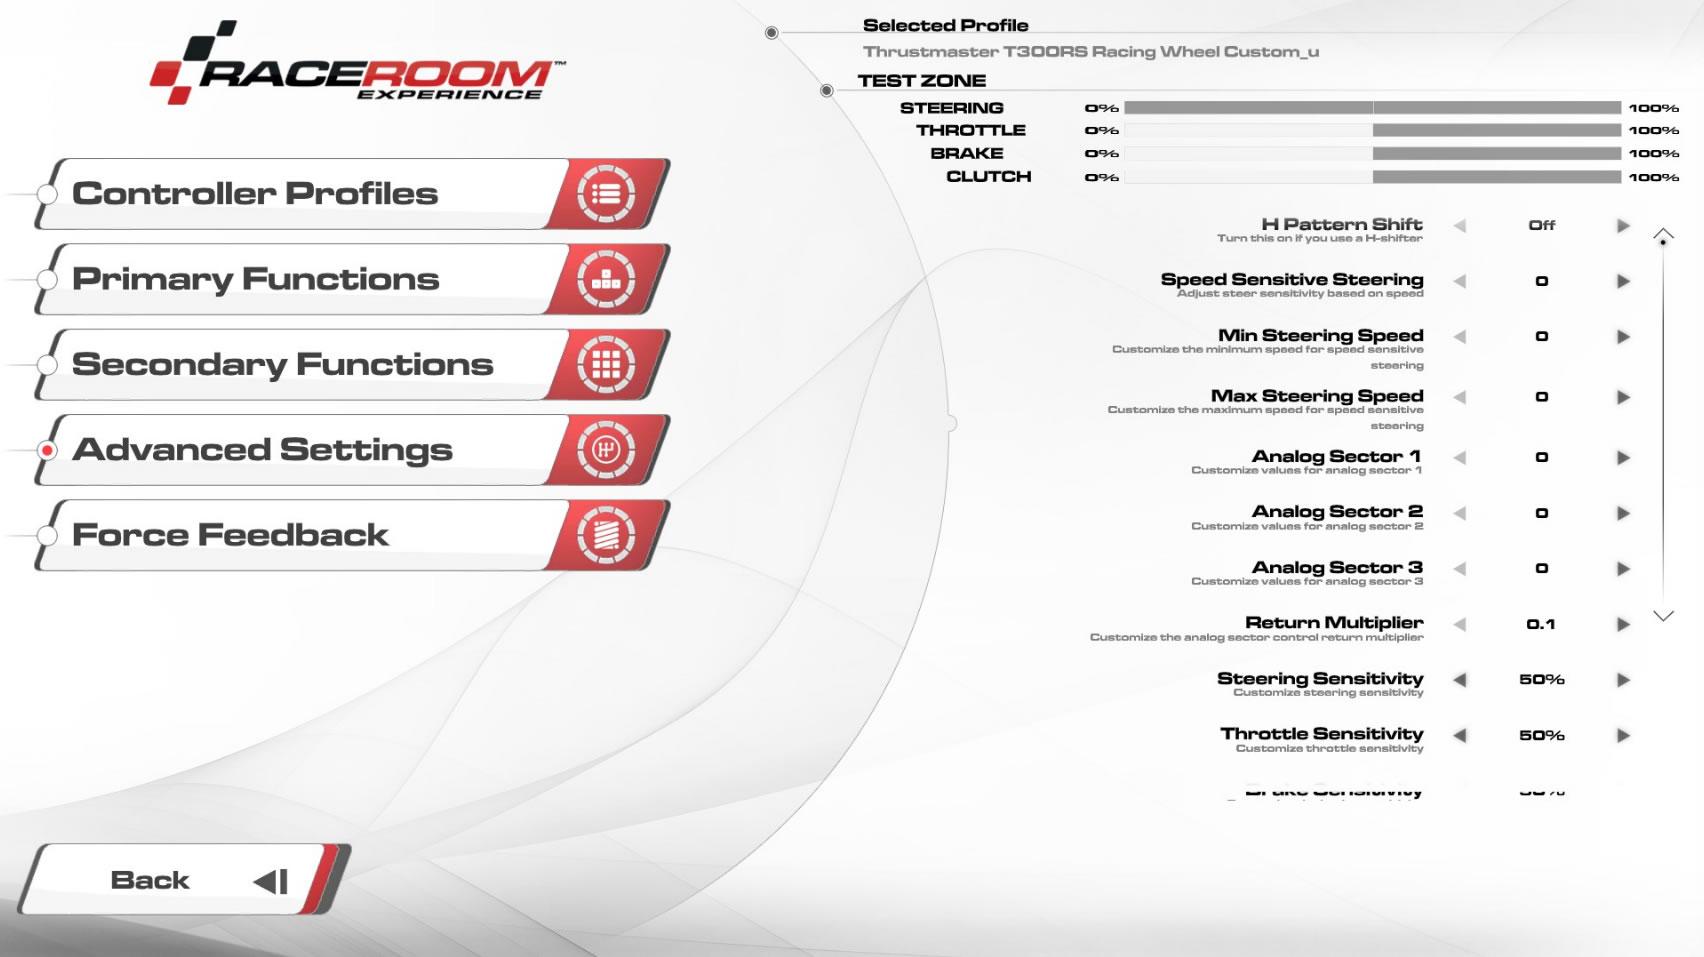 Raceroom-T300-advanced-settings-1.jpg